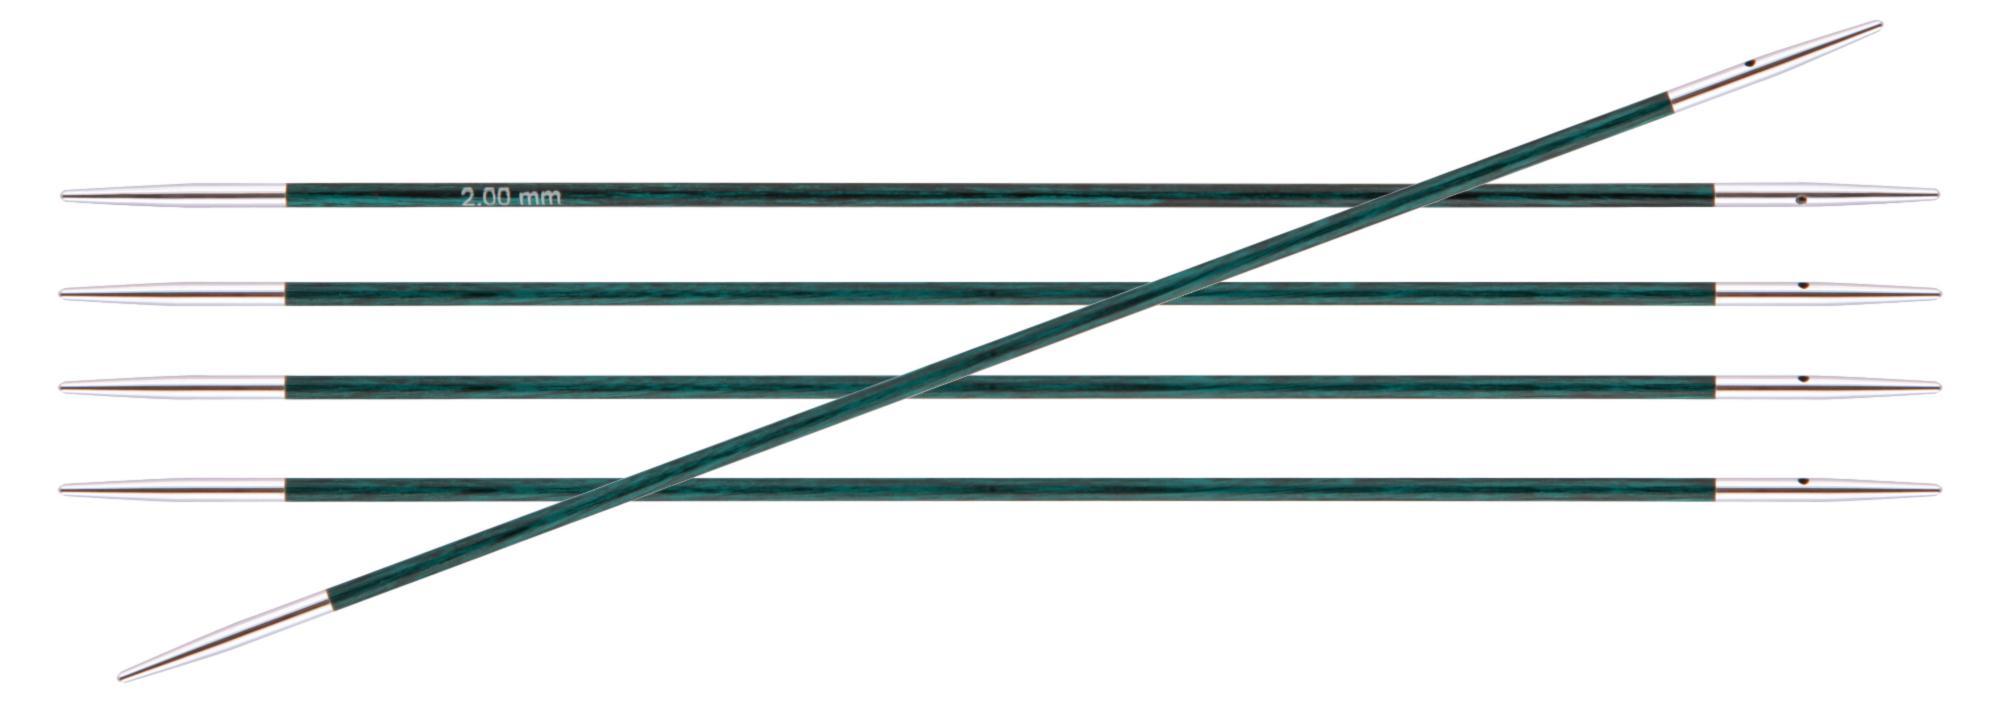 Спицы носочные 15 см Royale KnitPro, 29001, 2.00 мм